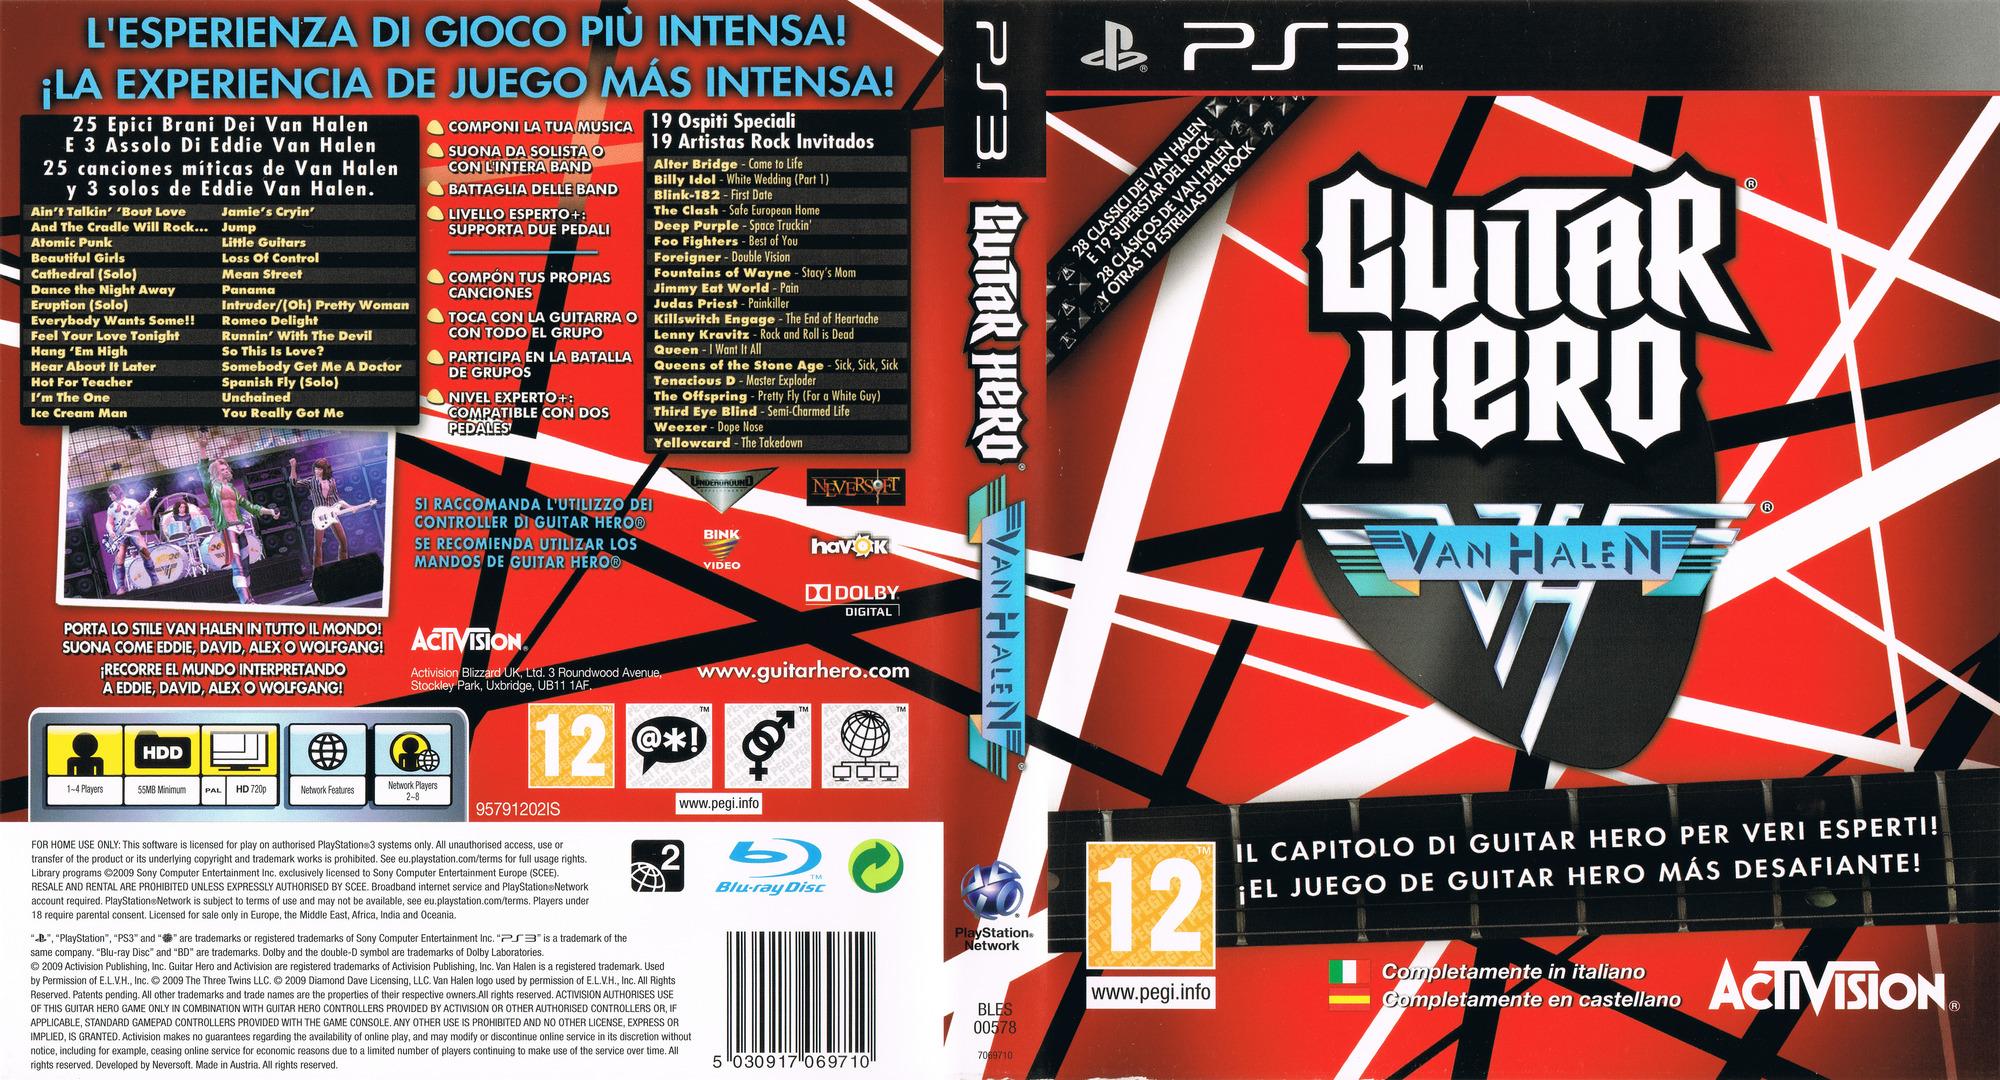 BLES00578 - Guitar Hero: Van Halen